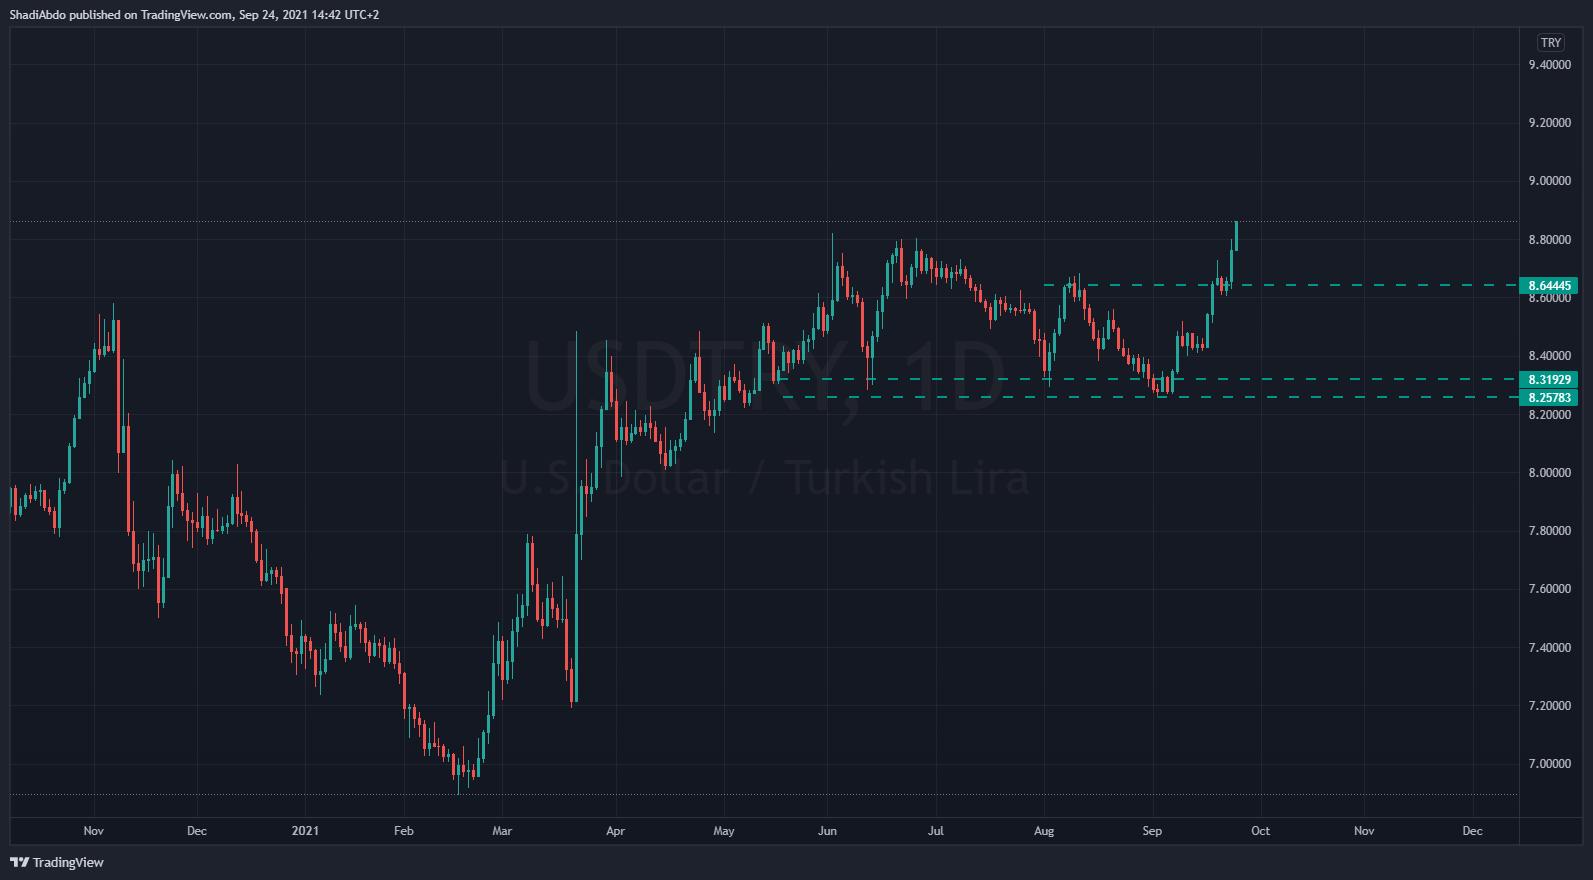 الدولار الأمريكي مقابل الليرة التركية 24 سبتمبر 2021